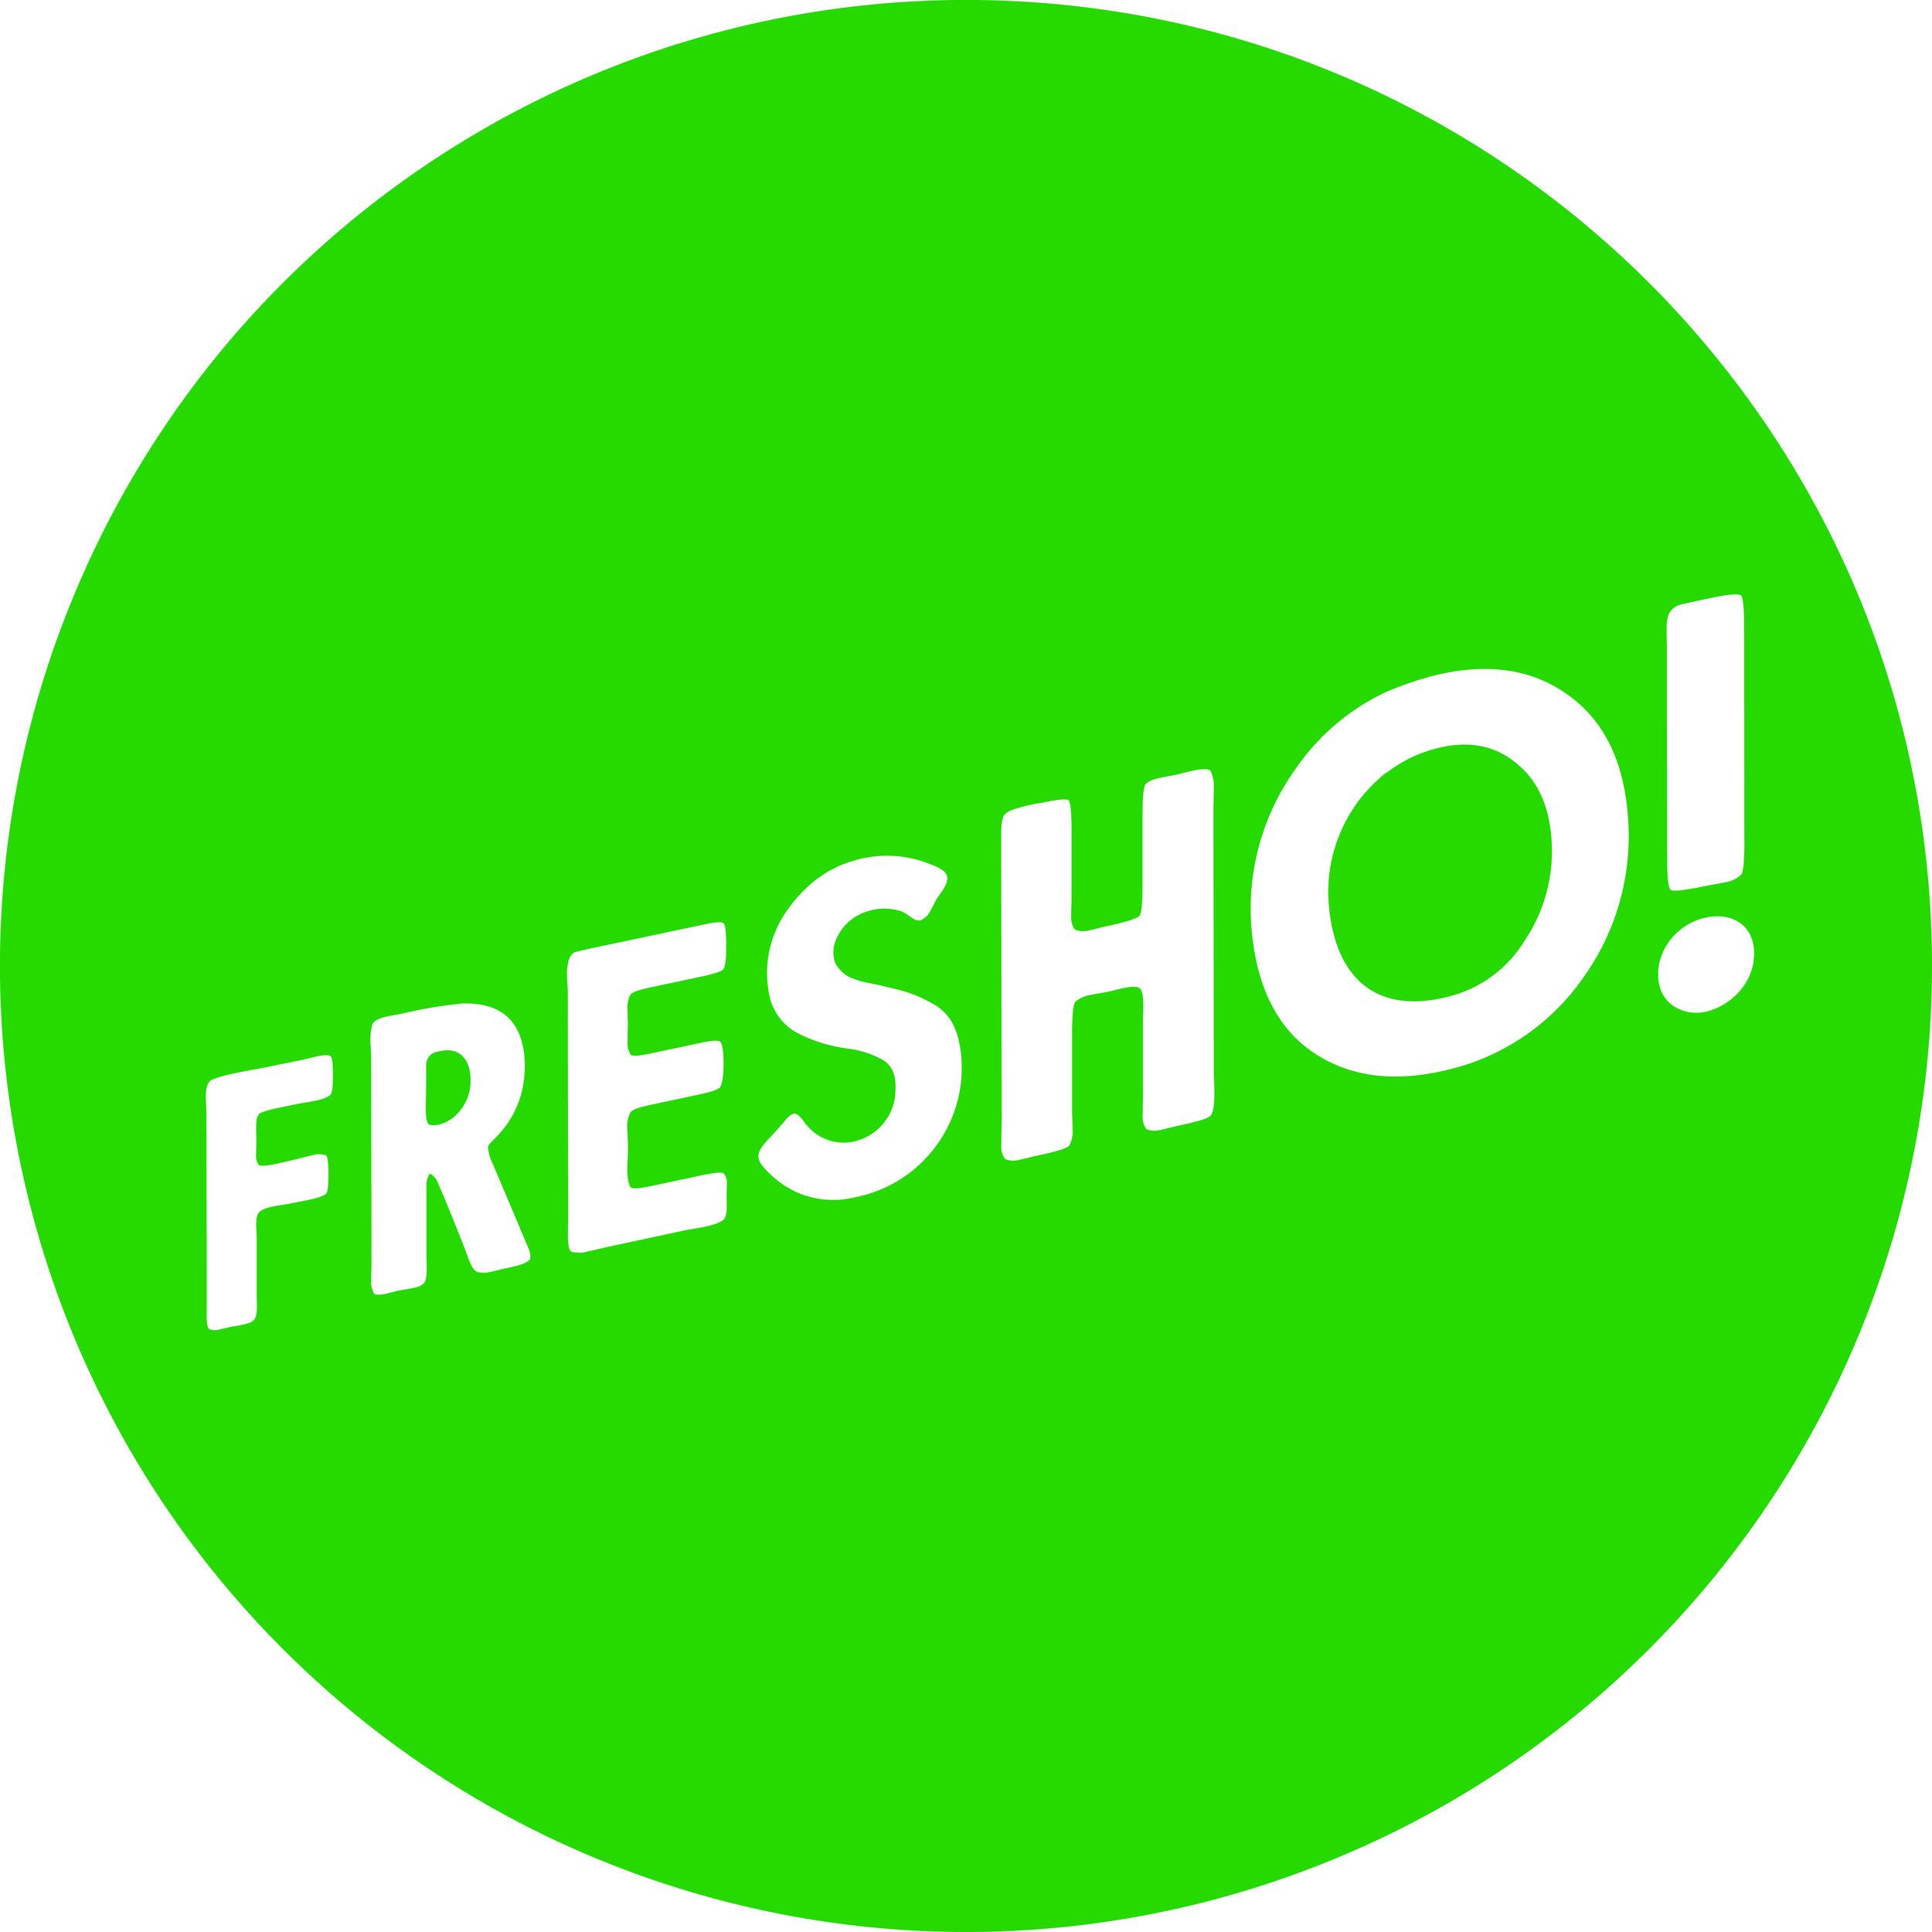 Fresho_LgLogo.jpg